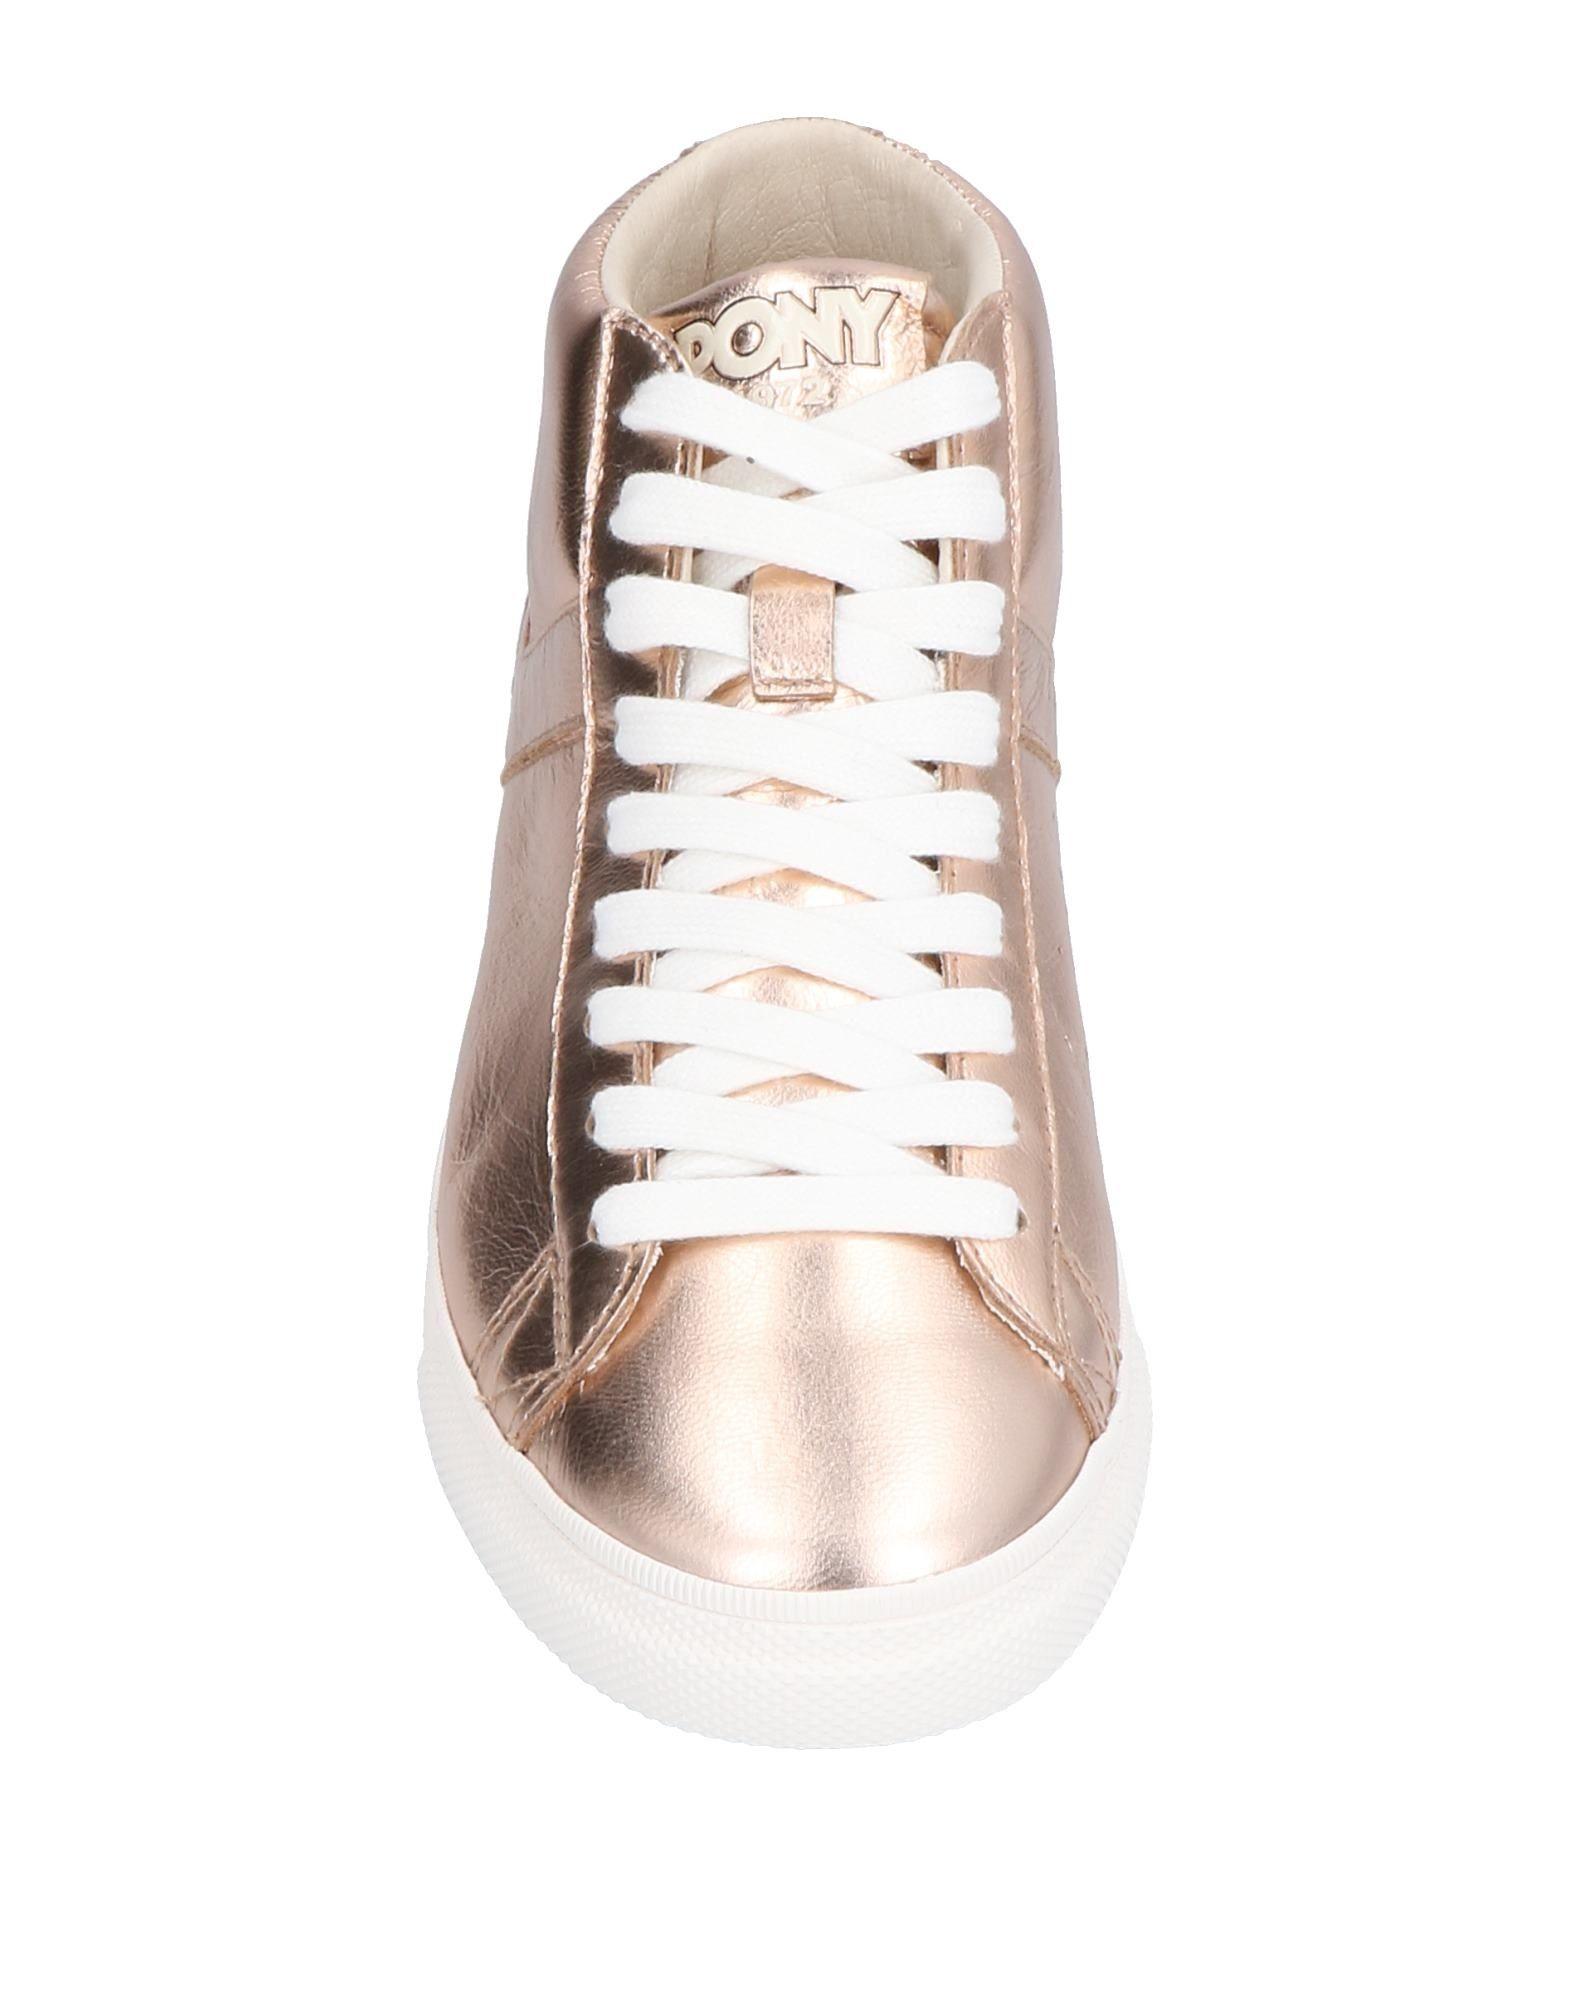 Pony Sneakers Sneakers Pony Damen  11496536LP de9323